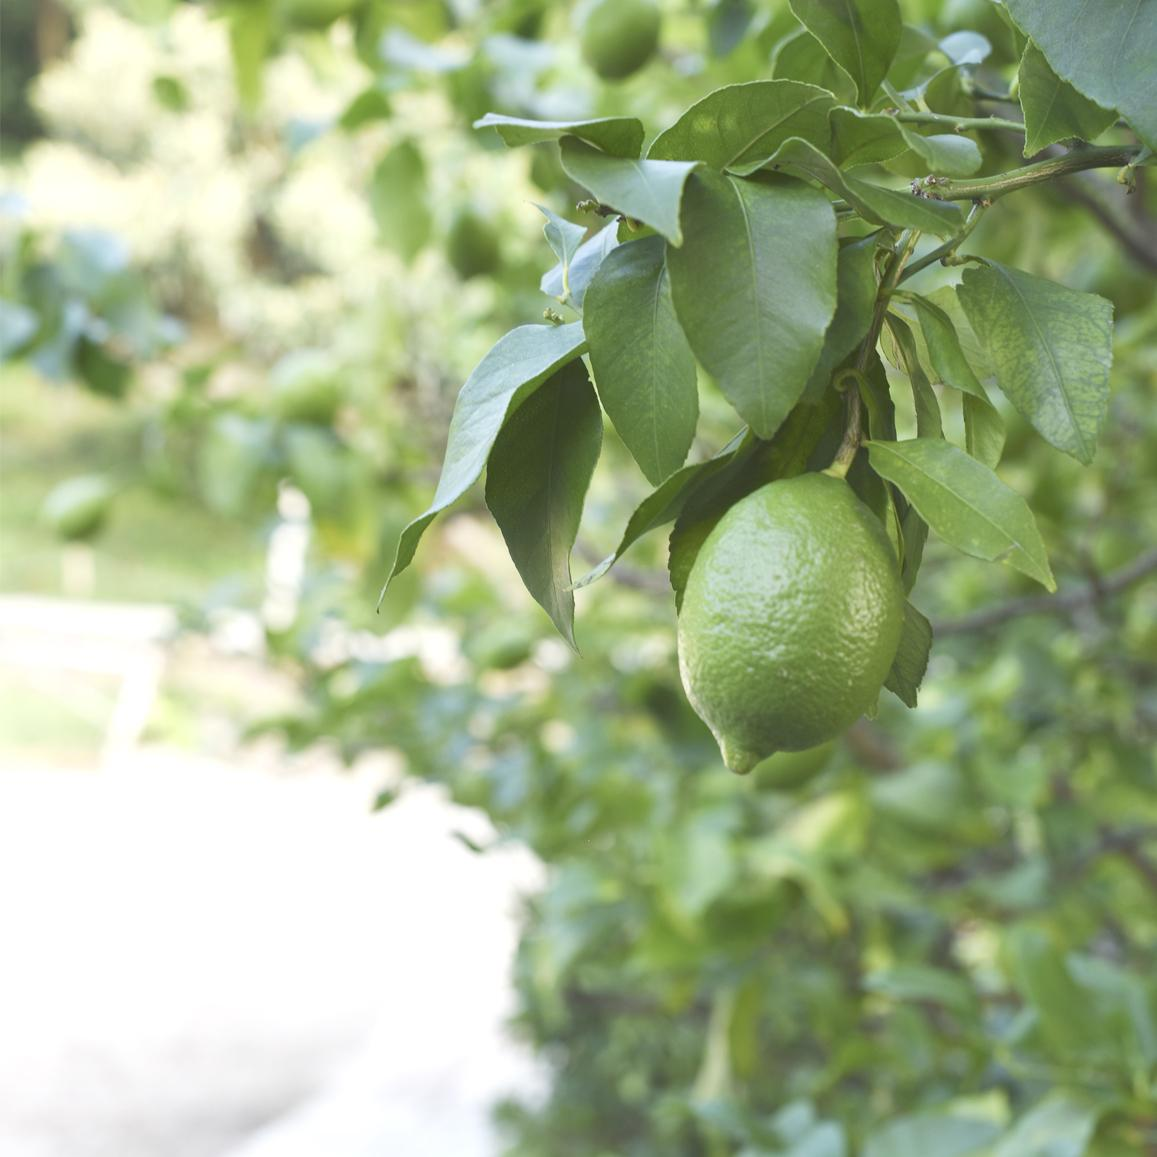 江之浦産の「グリーンレモン」をテーマに「江之浦柑橘山市庭」